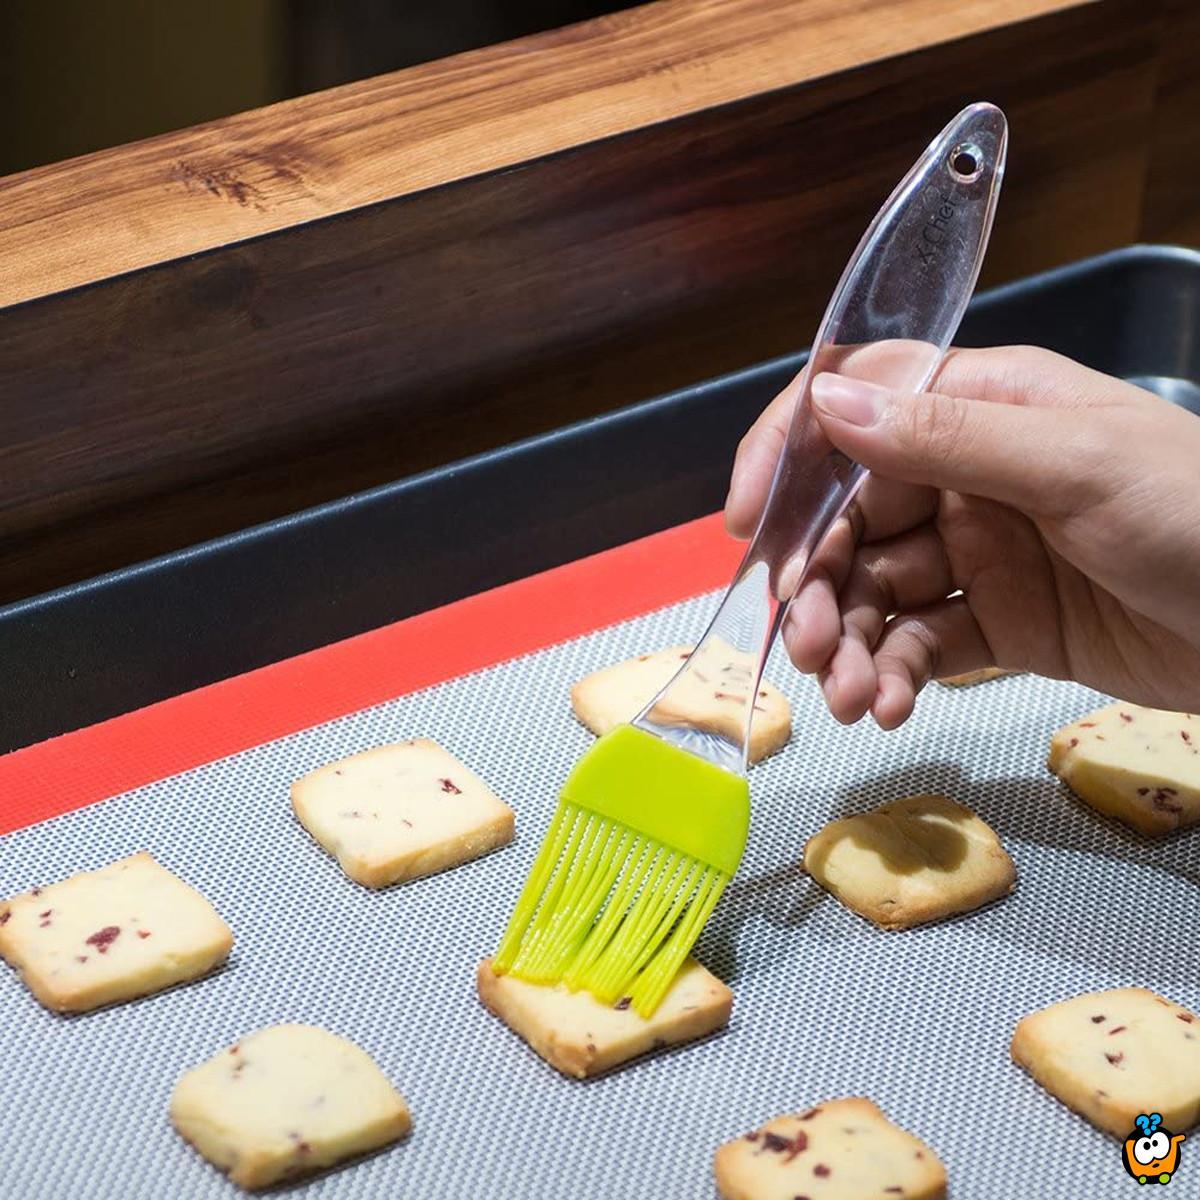 Silikonska četkica za premazivanje hrane